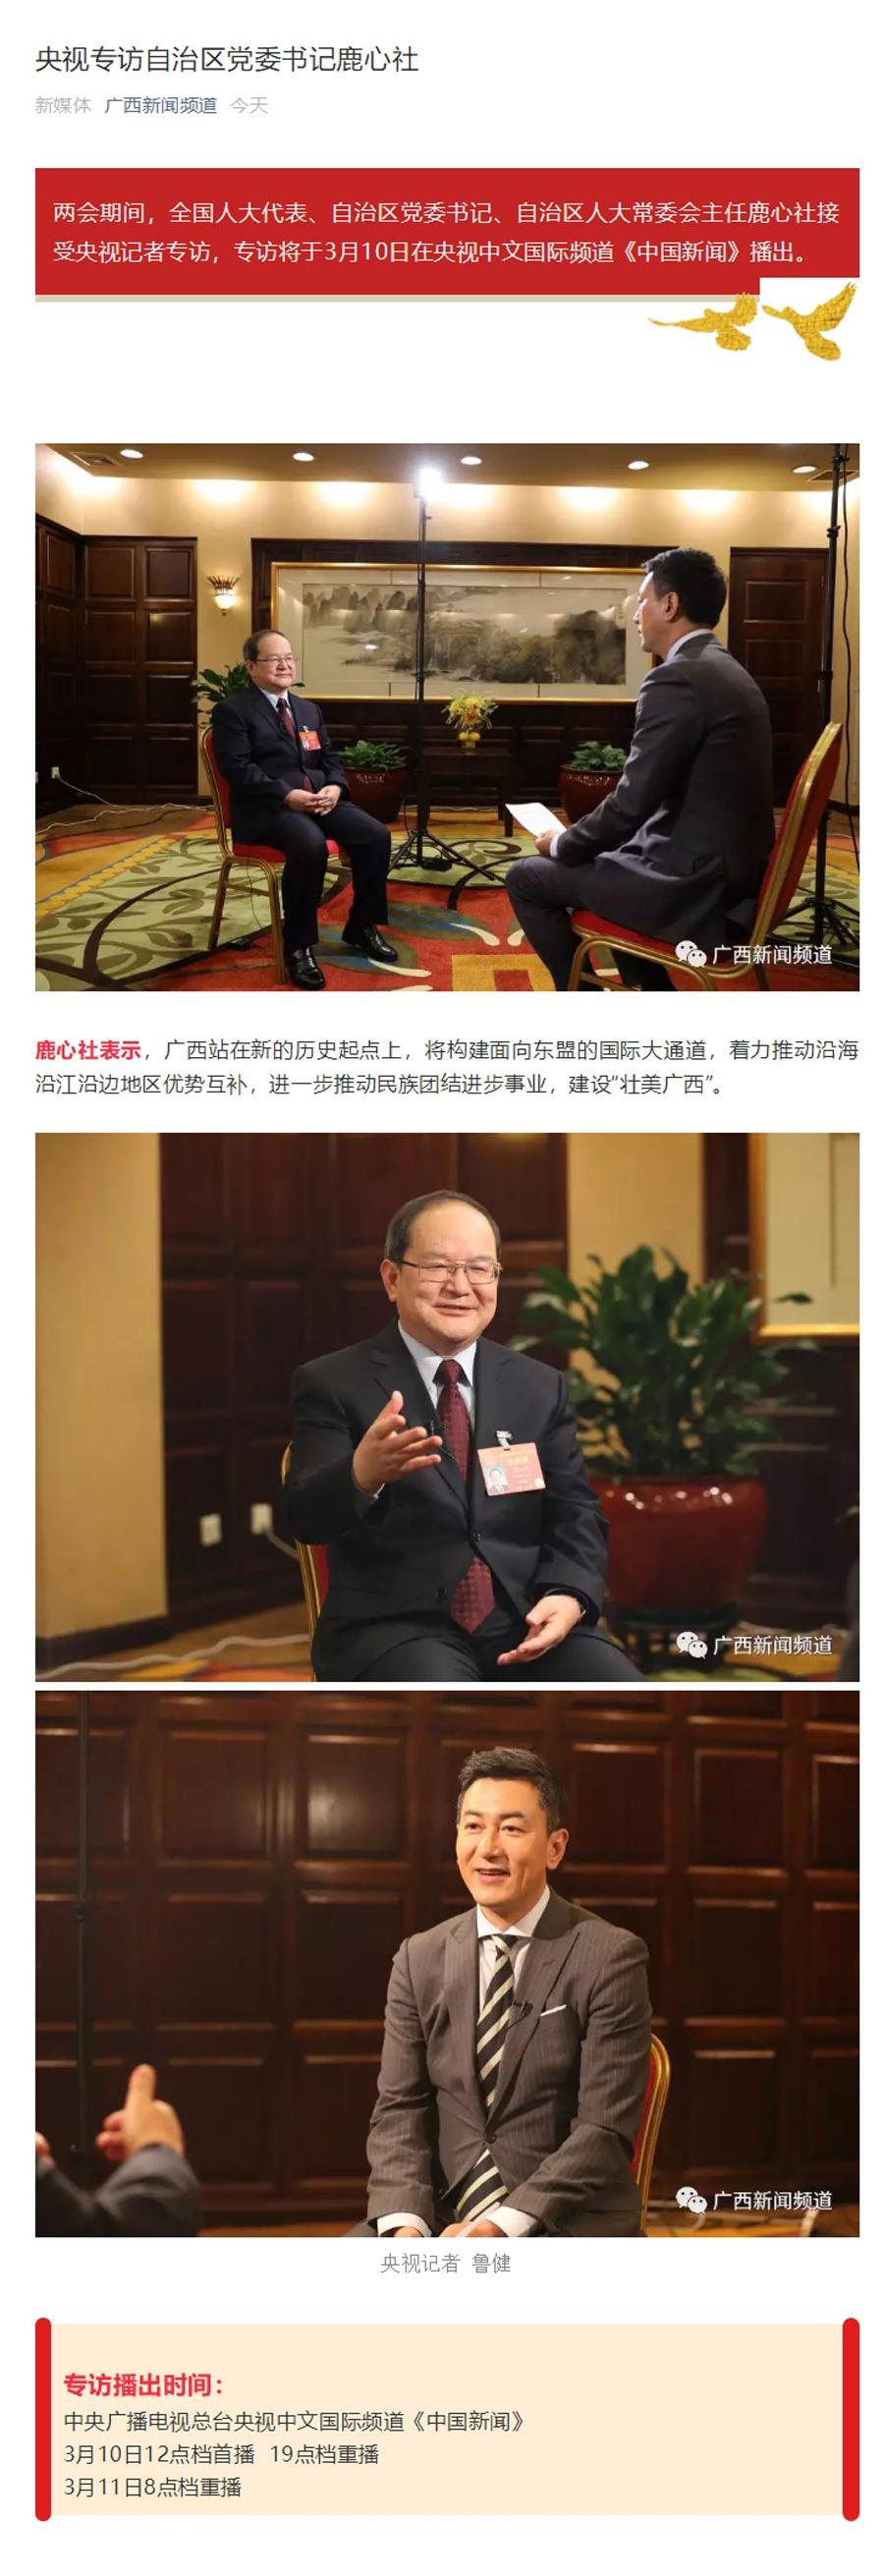 央视专访自治区党委书记鹿心社